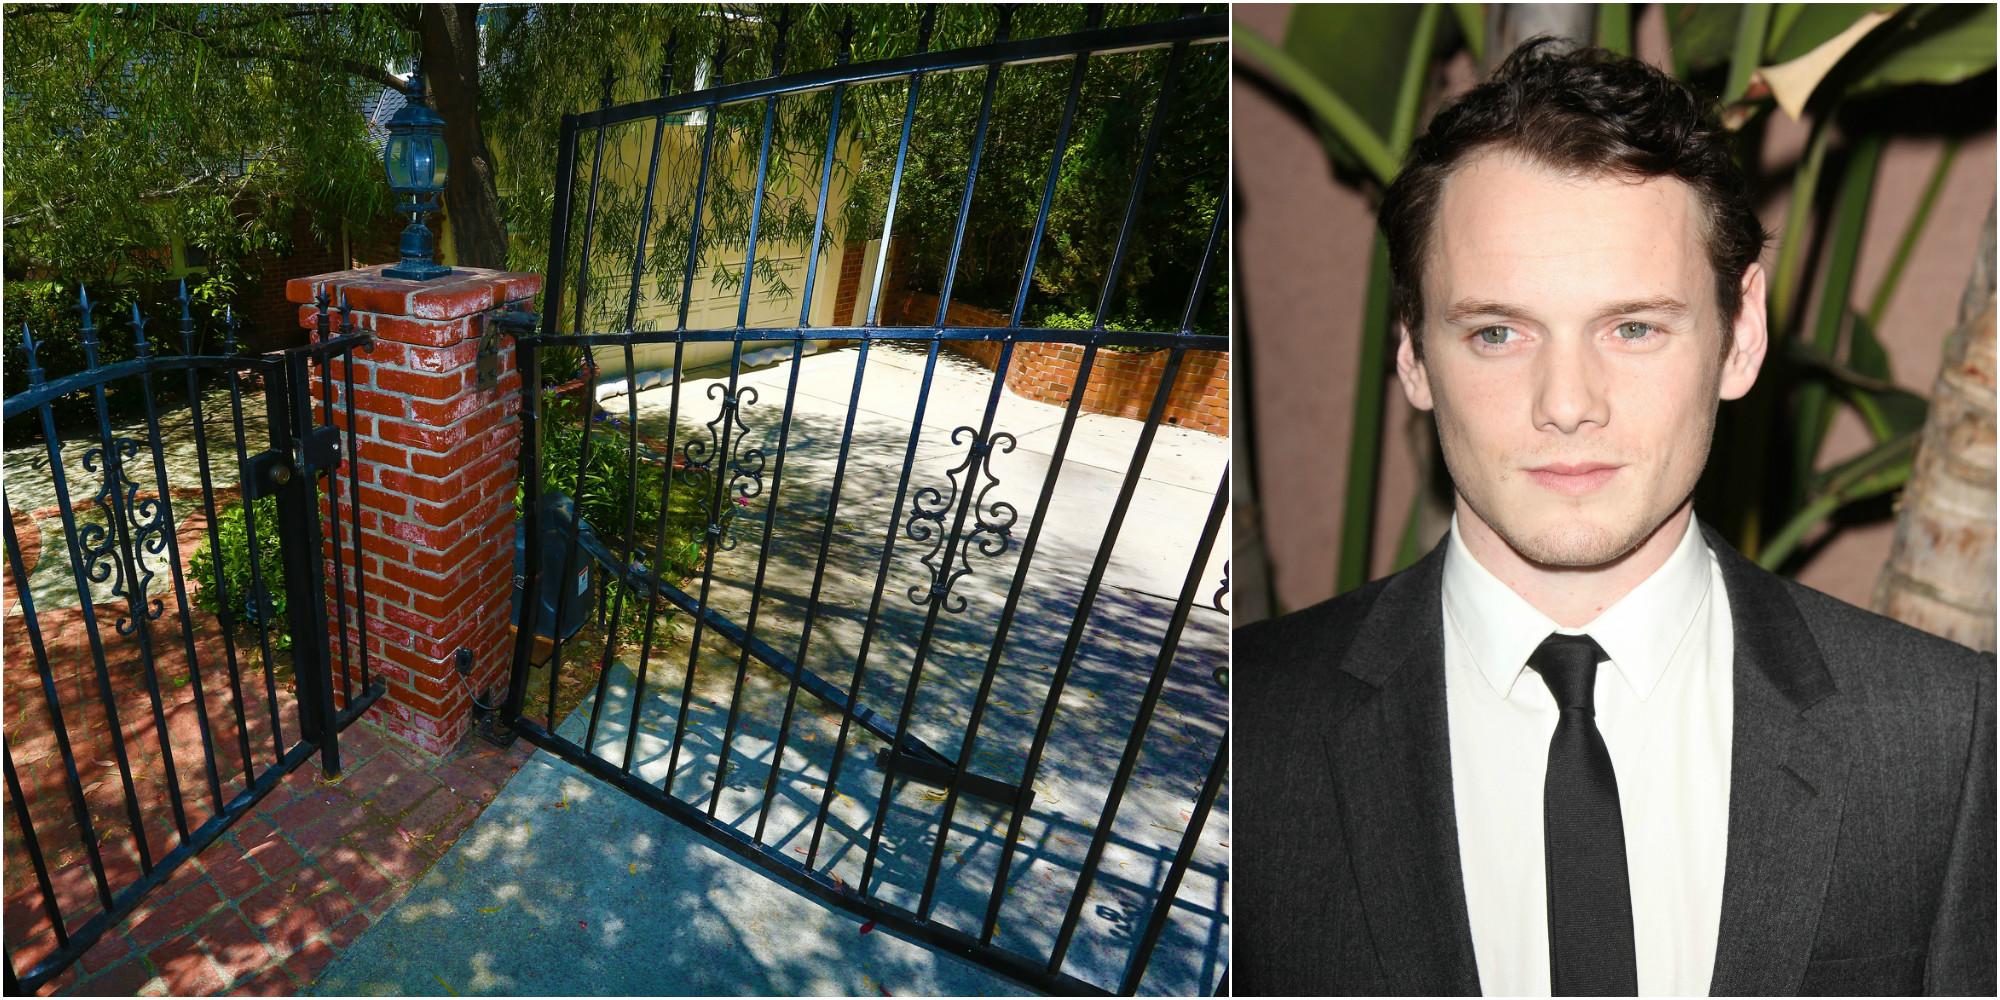 Star Trek actor Anton Yelchin dies in 'fatal traffic collision' aged 27